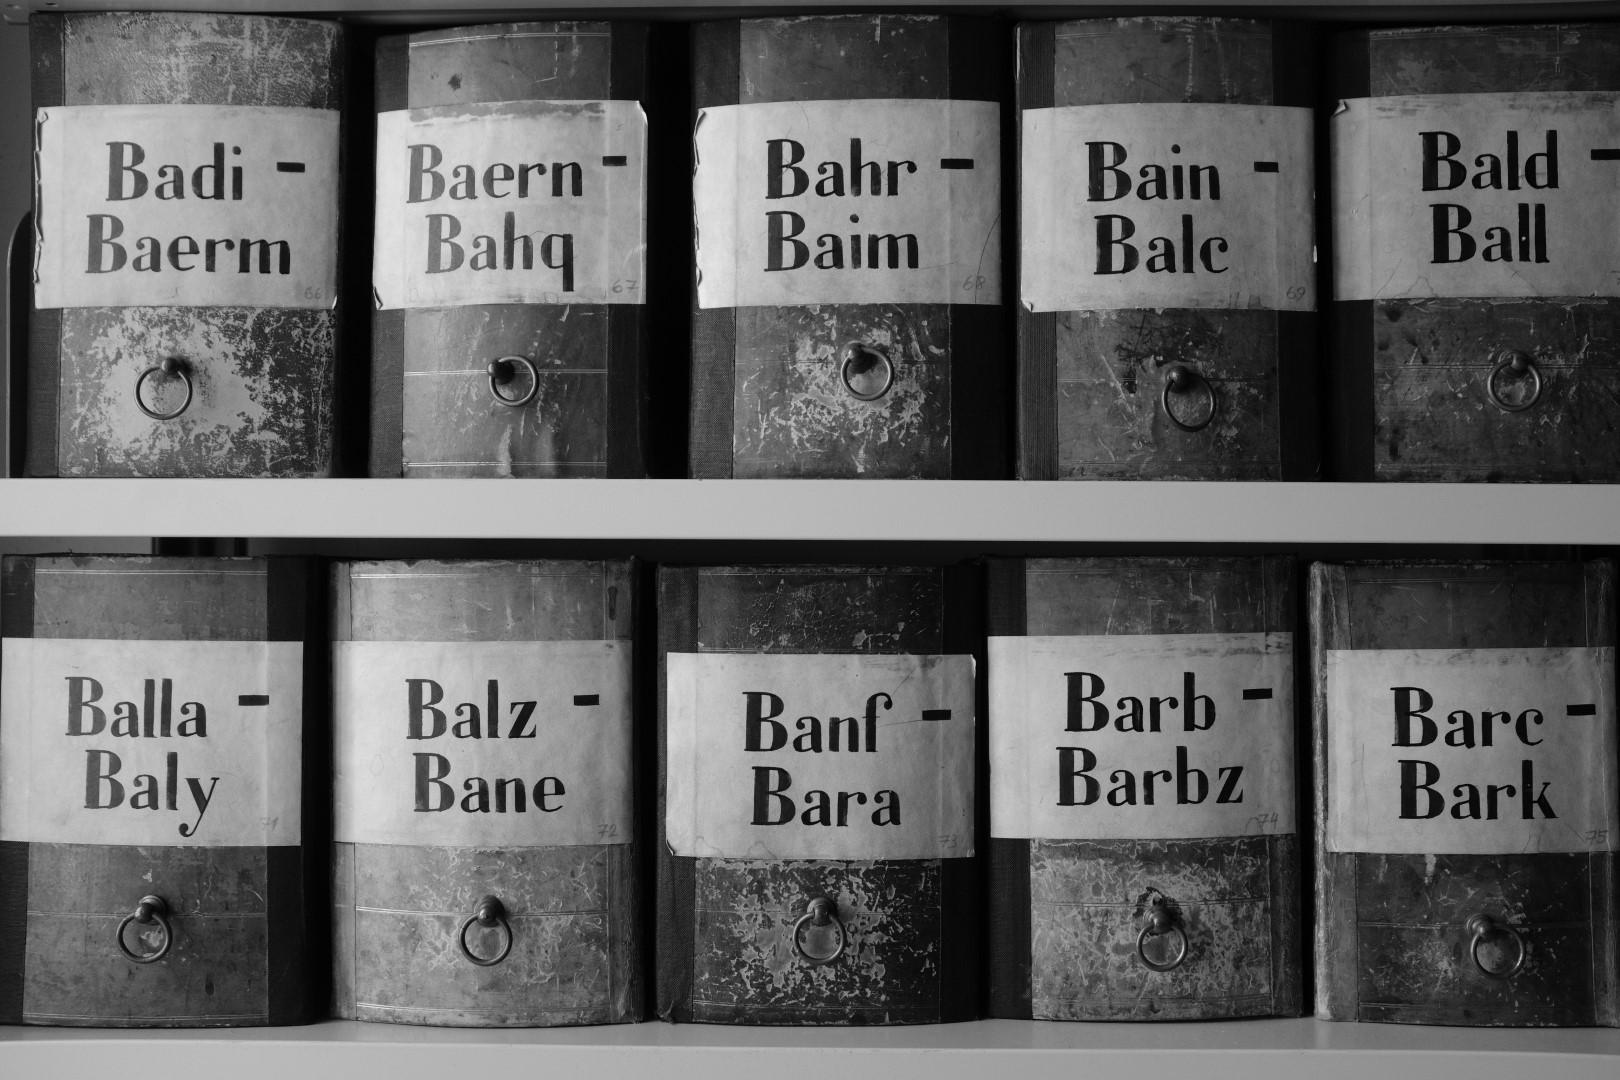 Projekt »Zettelkatalog etc.« in der Österreichischen Nationalbibliothek